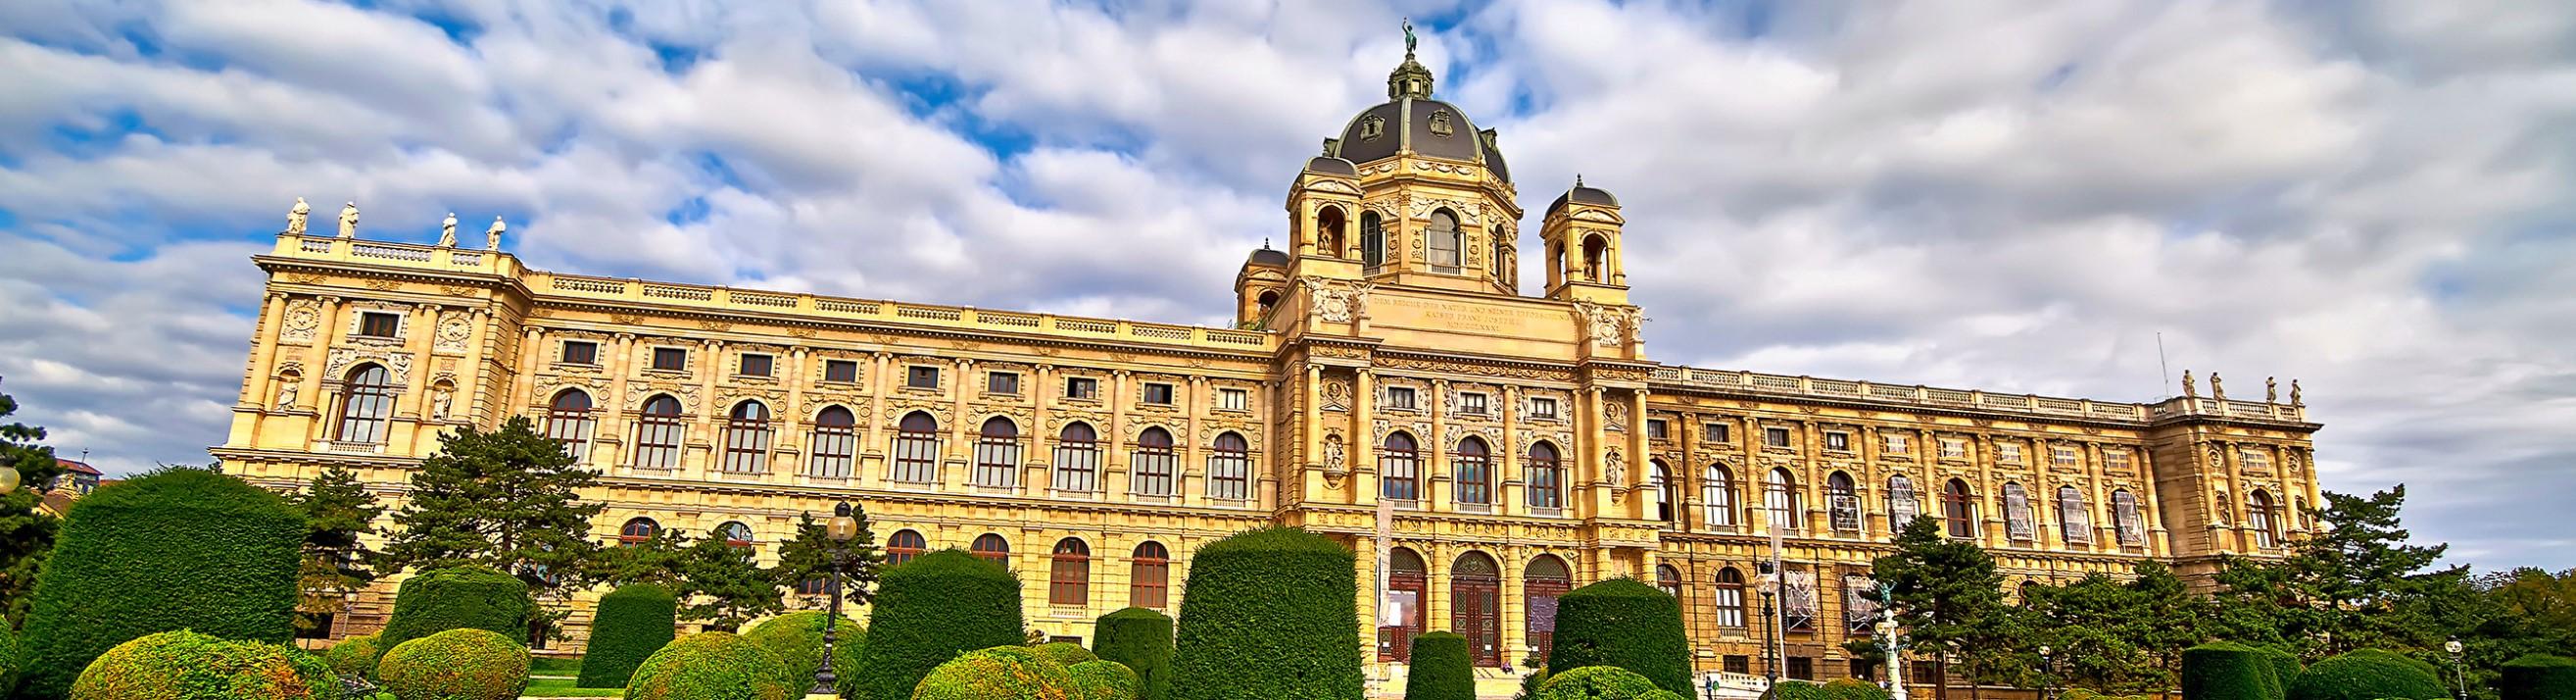 Национальная виза в Австрию